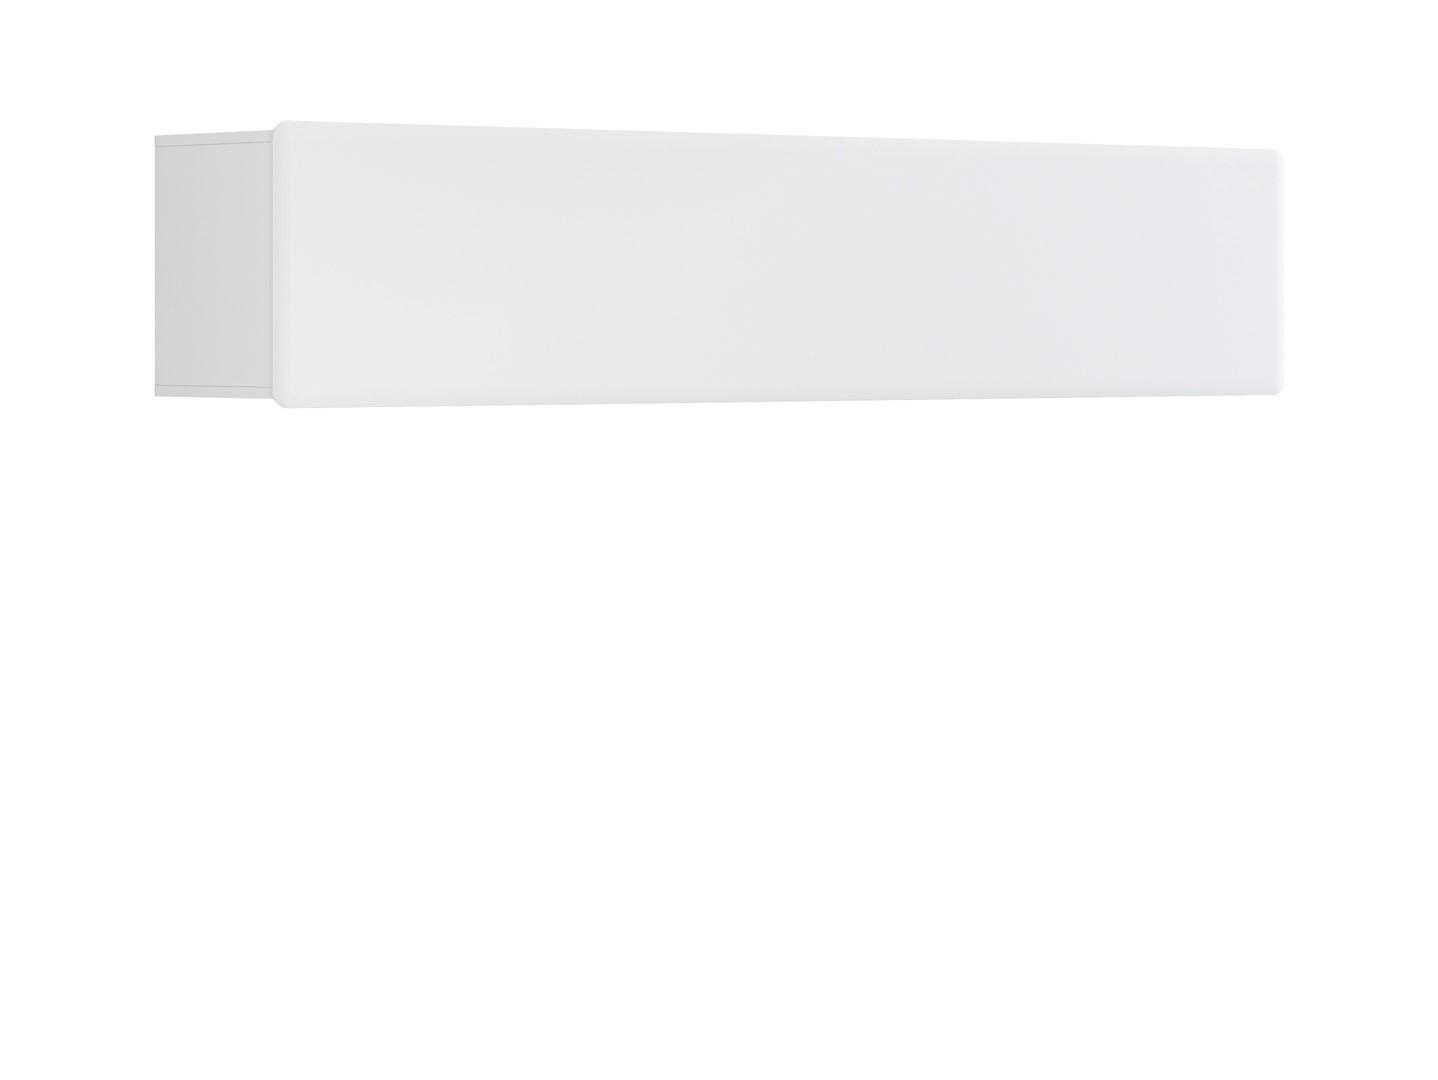 Polička - BRW - Possi Light SFW1K/4/20 (bílá + lesk bílý)